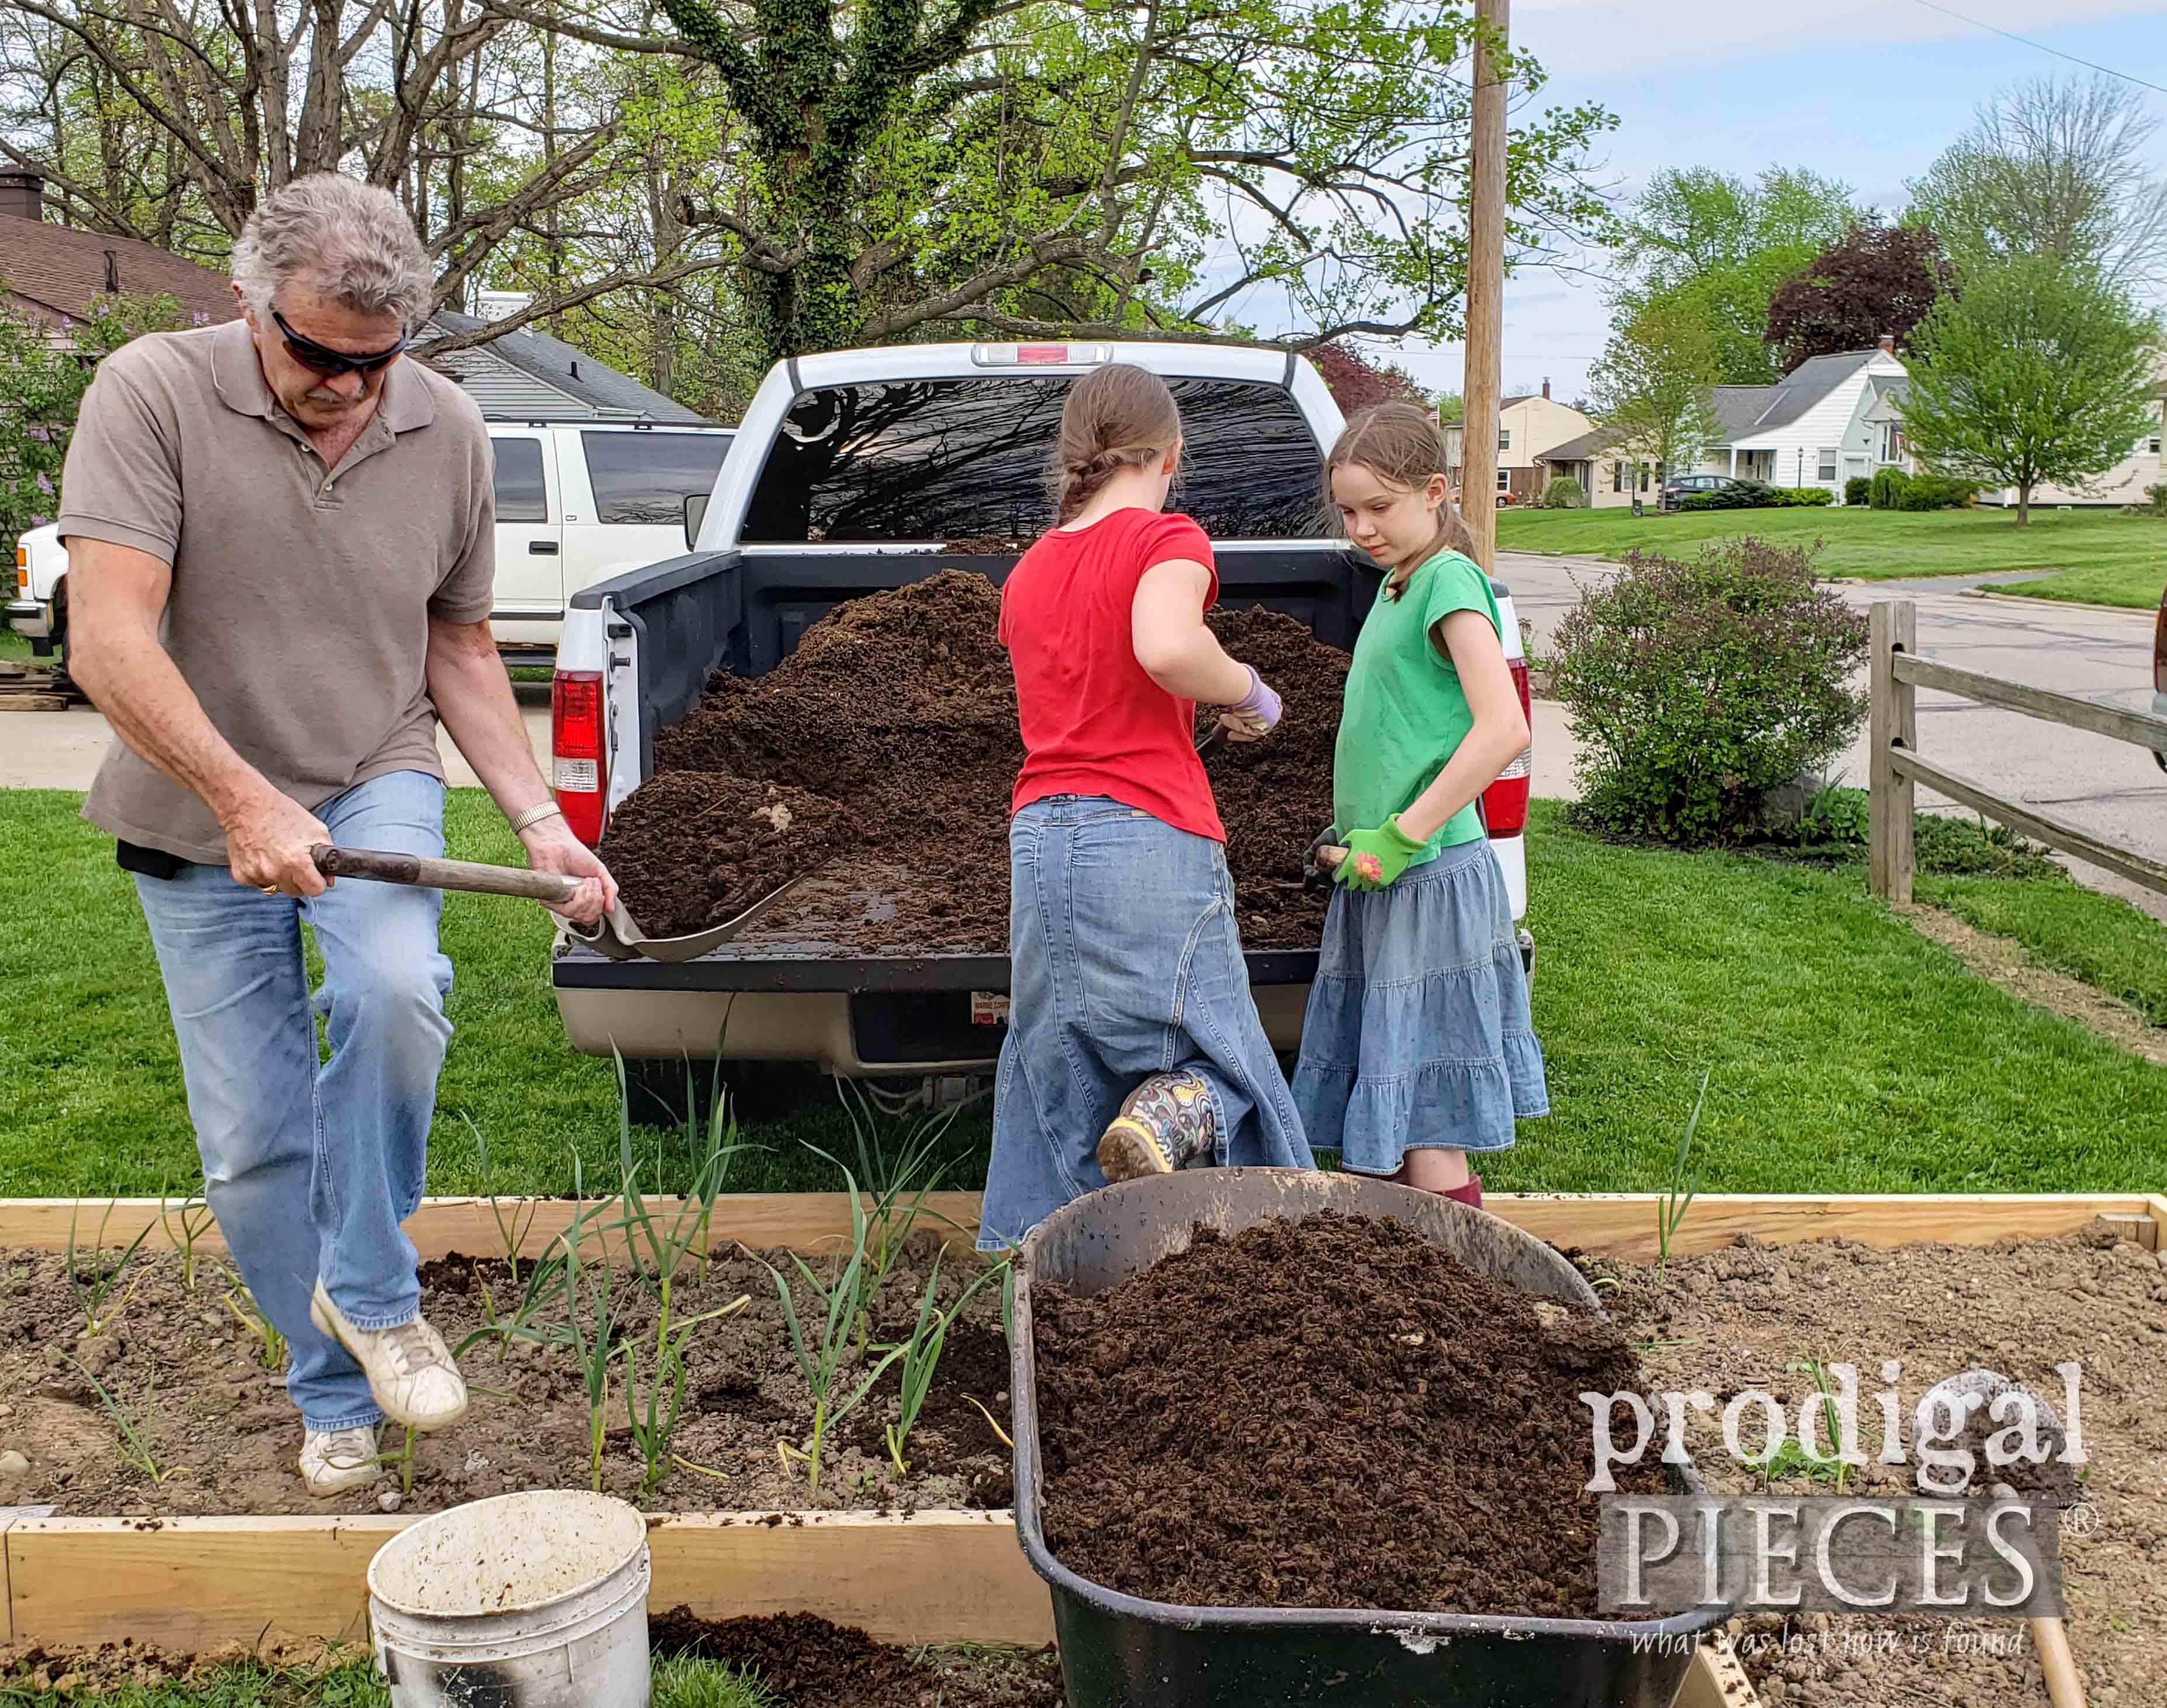 Spreading Garden Manure for a Flourishing Garden | prodigapieces.com #prodigalpieces